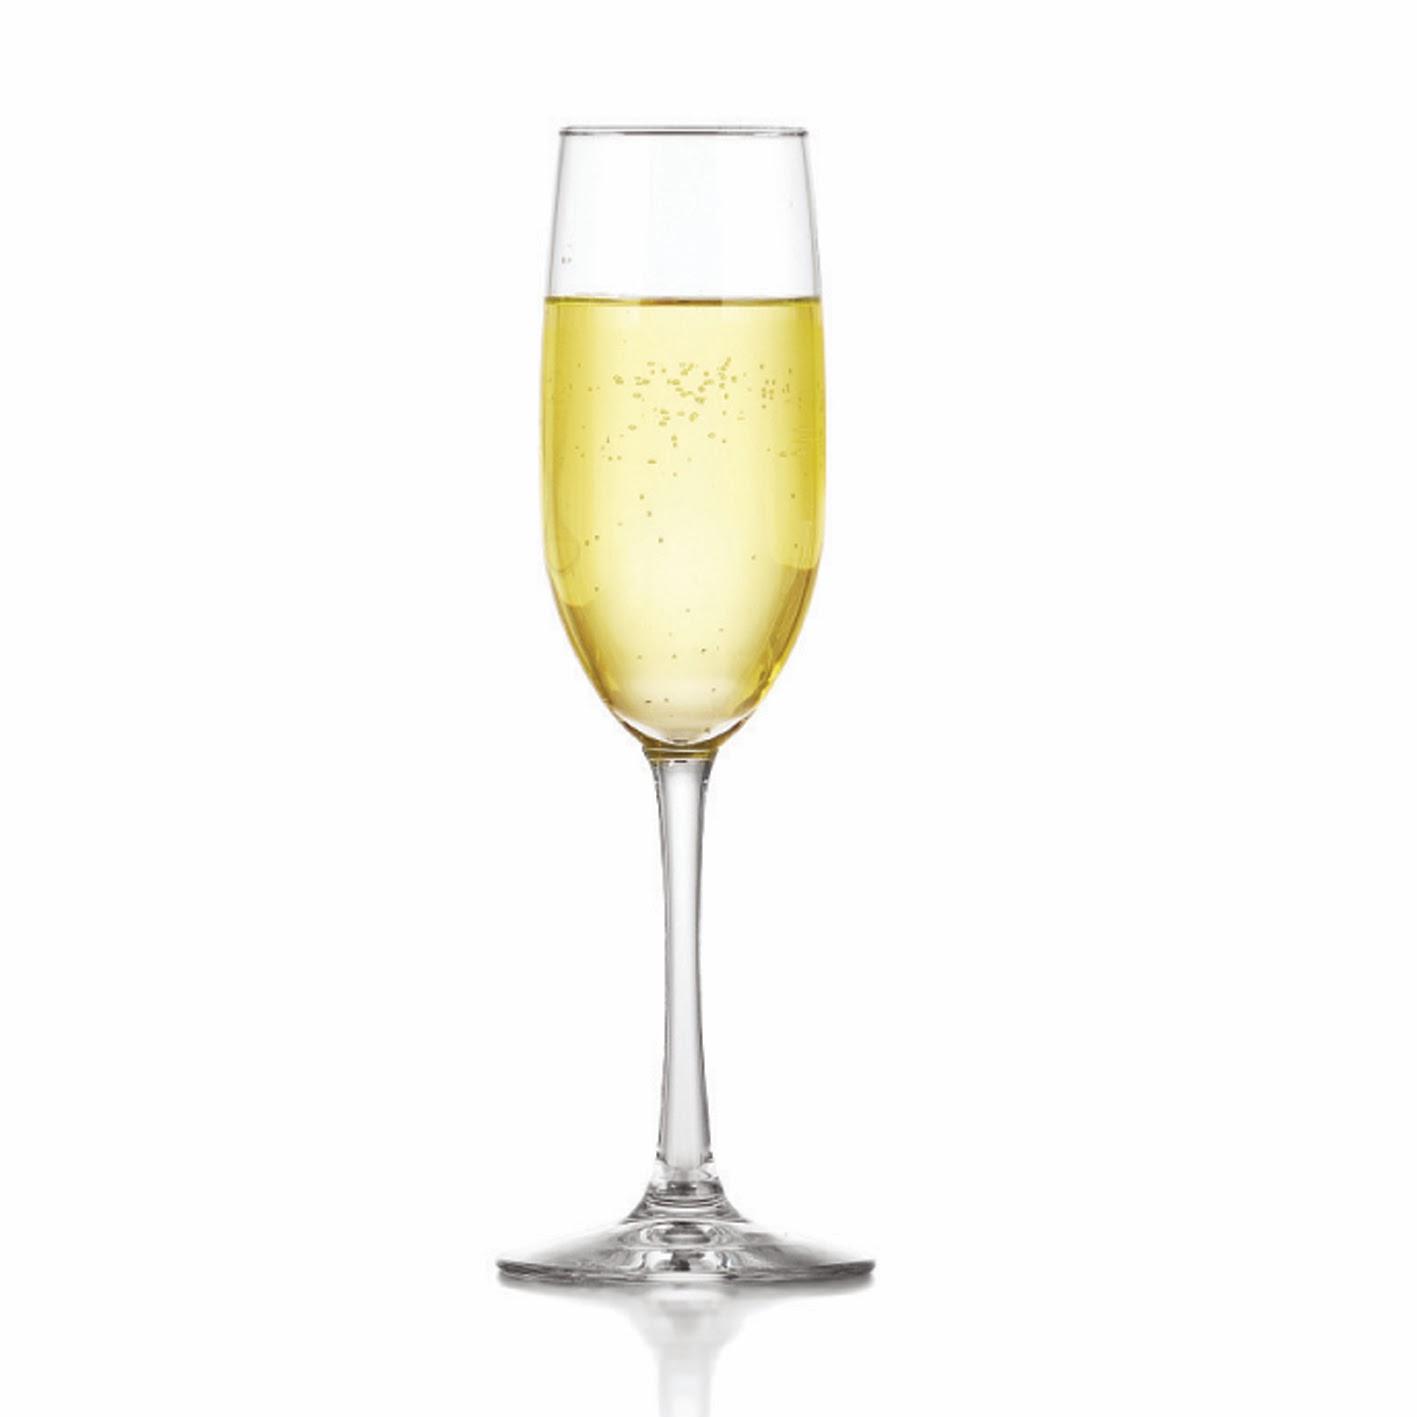 rituel pour attirer la bonne chance avec le champagne et les bougies rituels magie gratuit. Black Bedroom Furniture Sets. Home Design Ideas